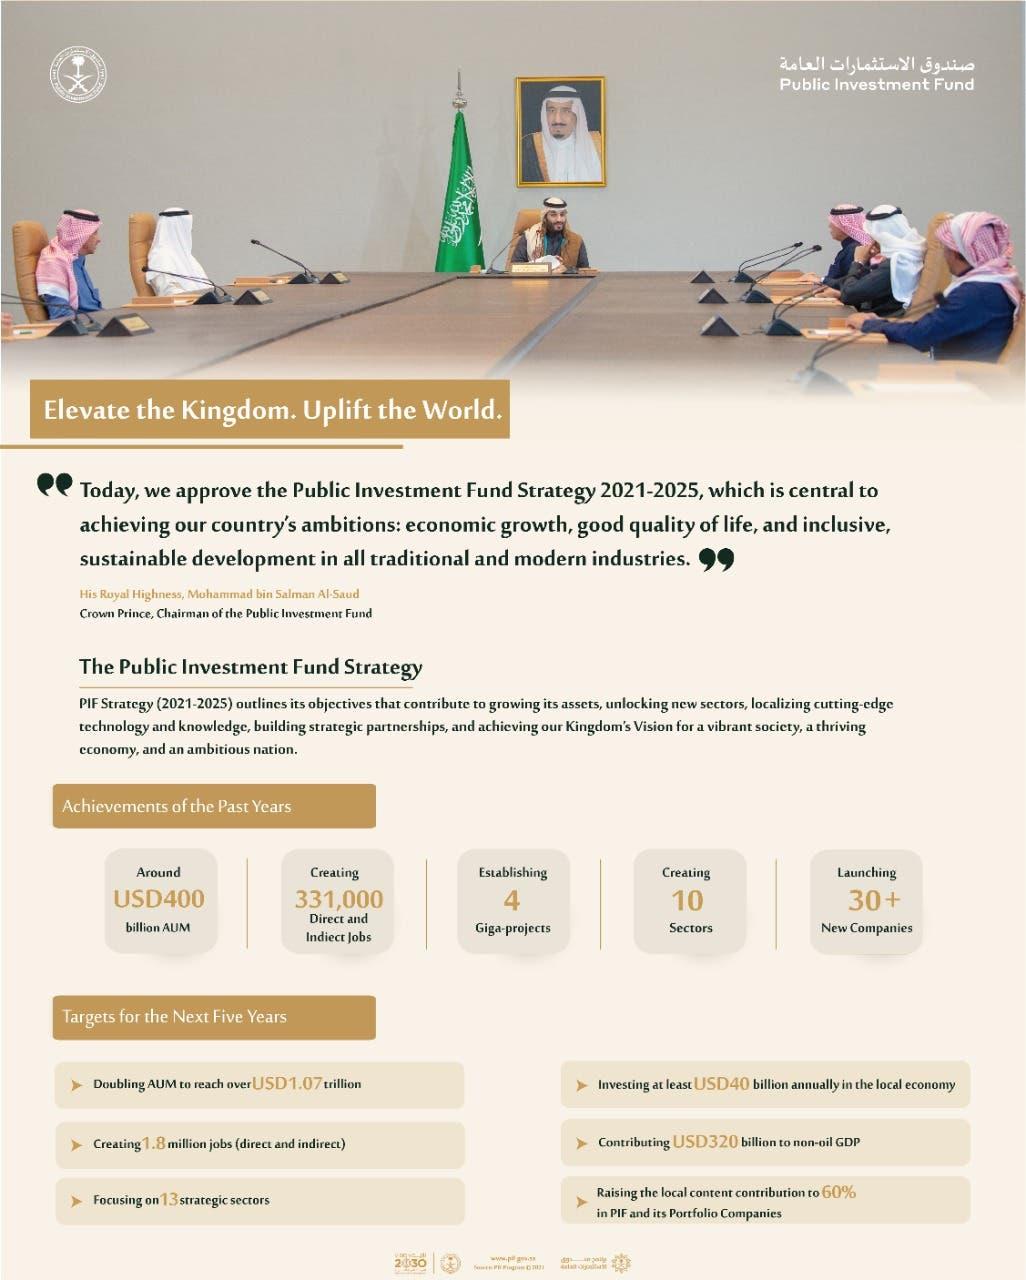 Saudi Arabia's PIF